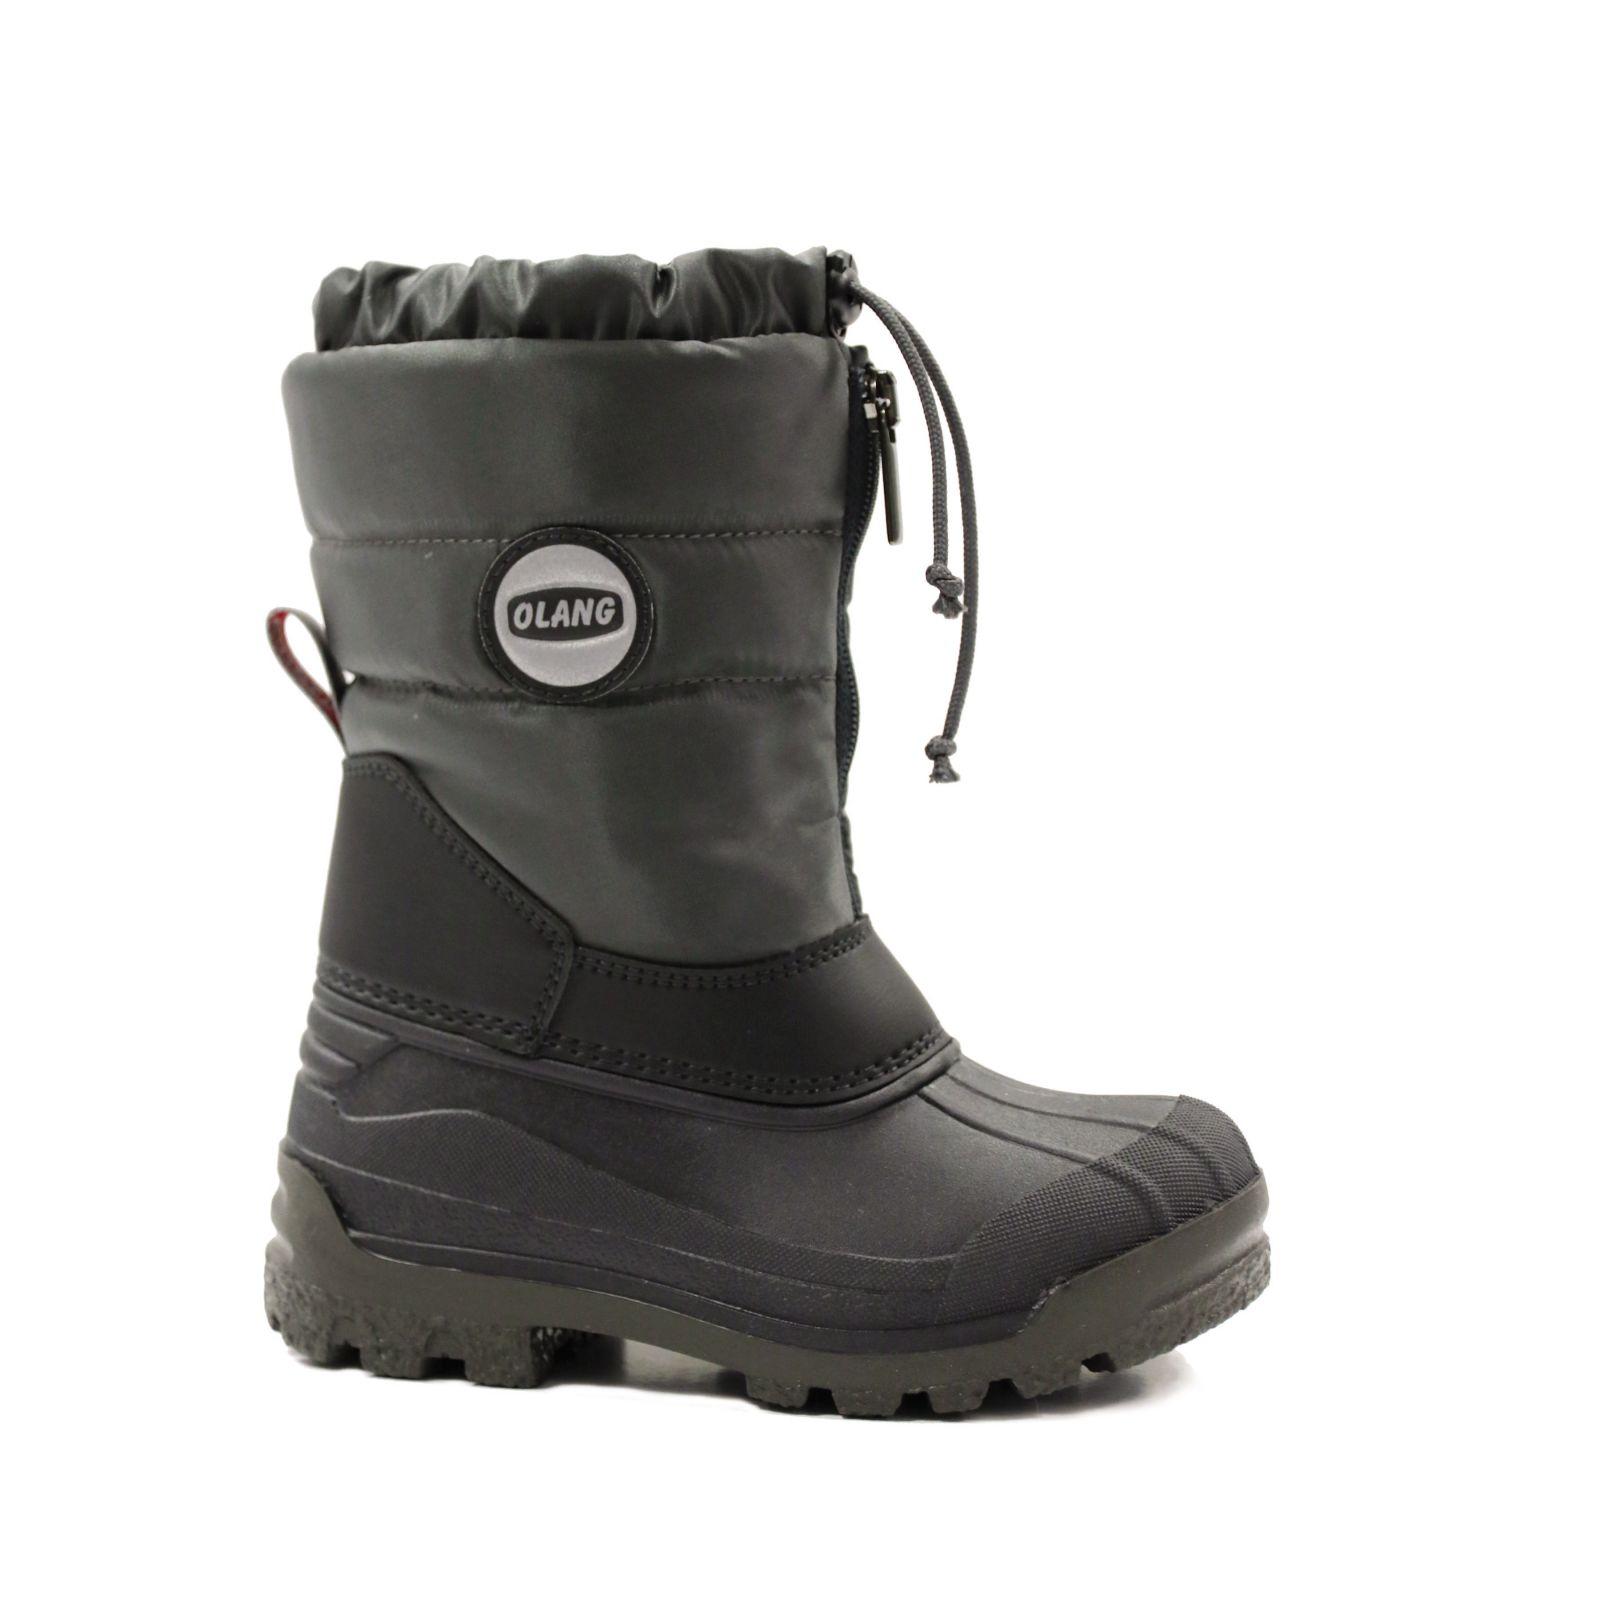 Outdoorix - Olang Volpe Antracite zimní obuv